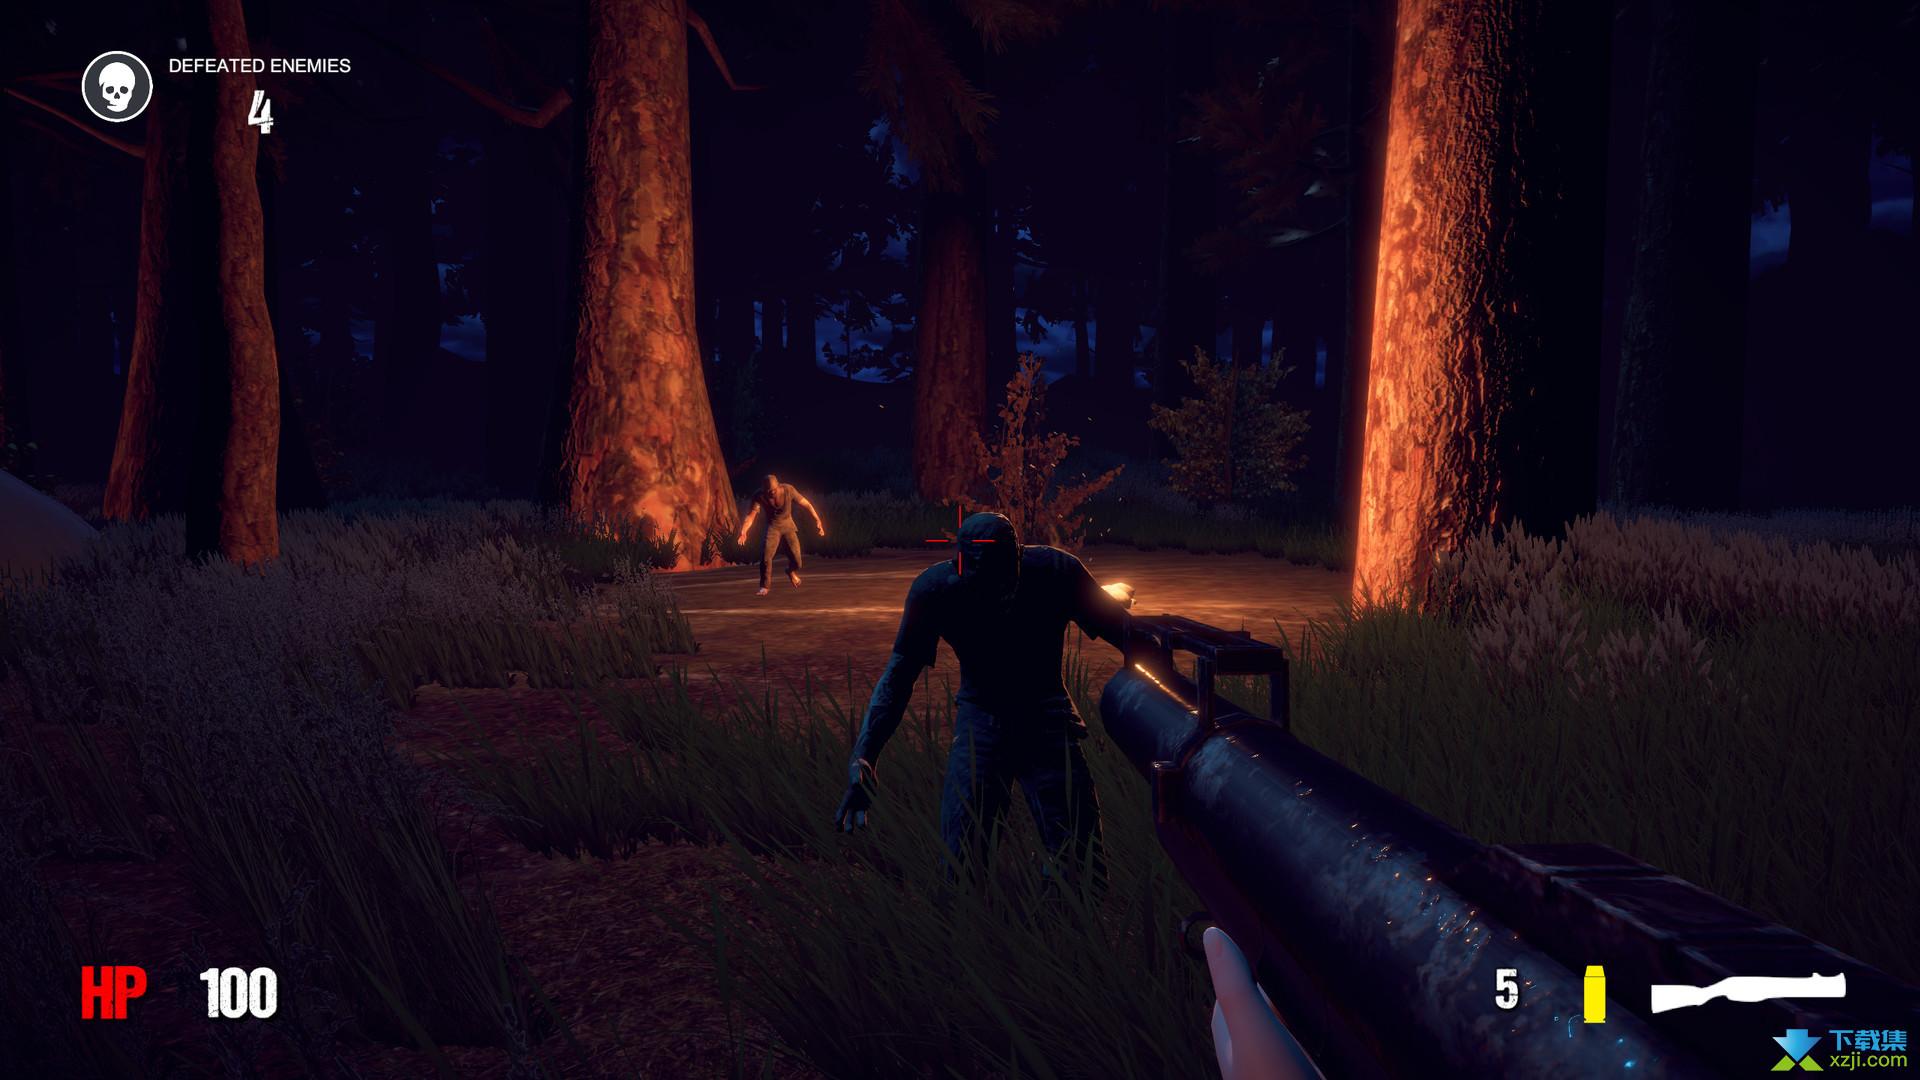 死亡之森界面1